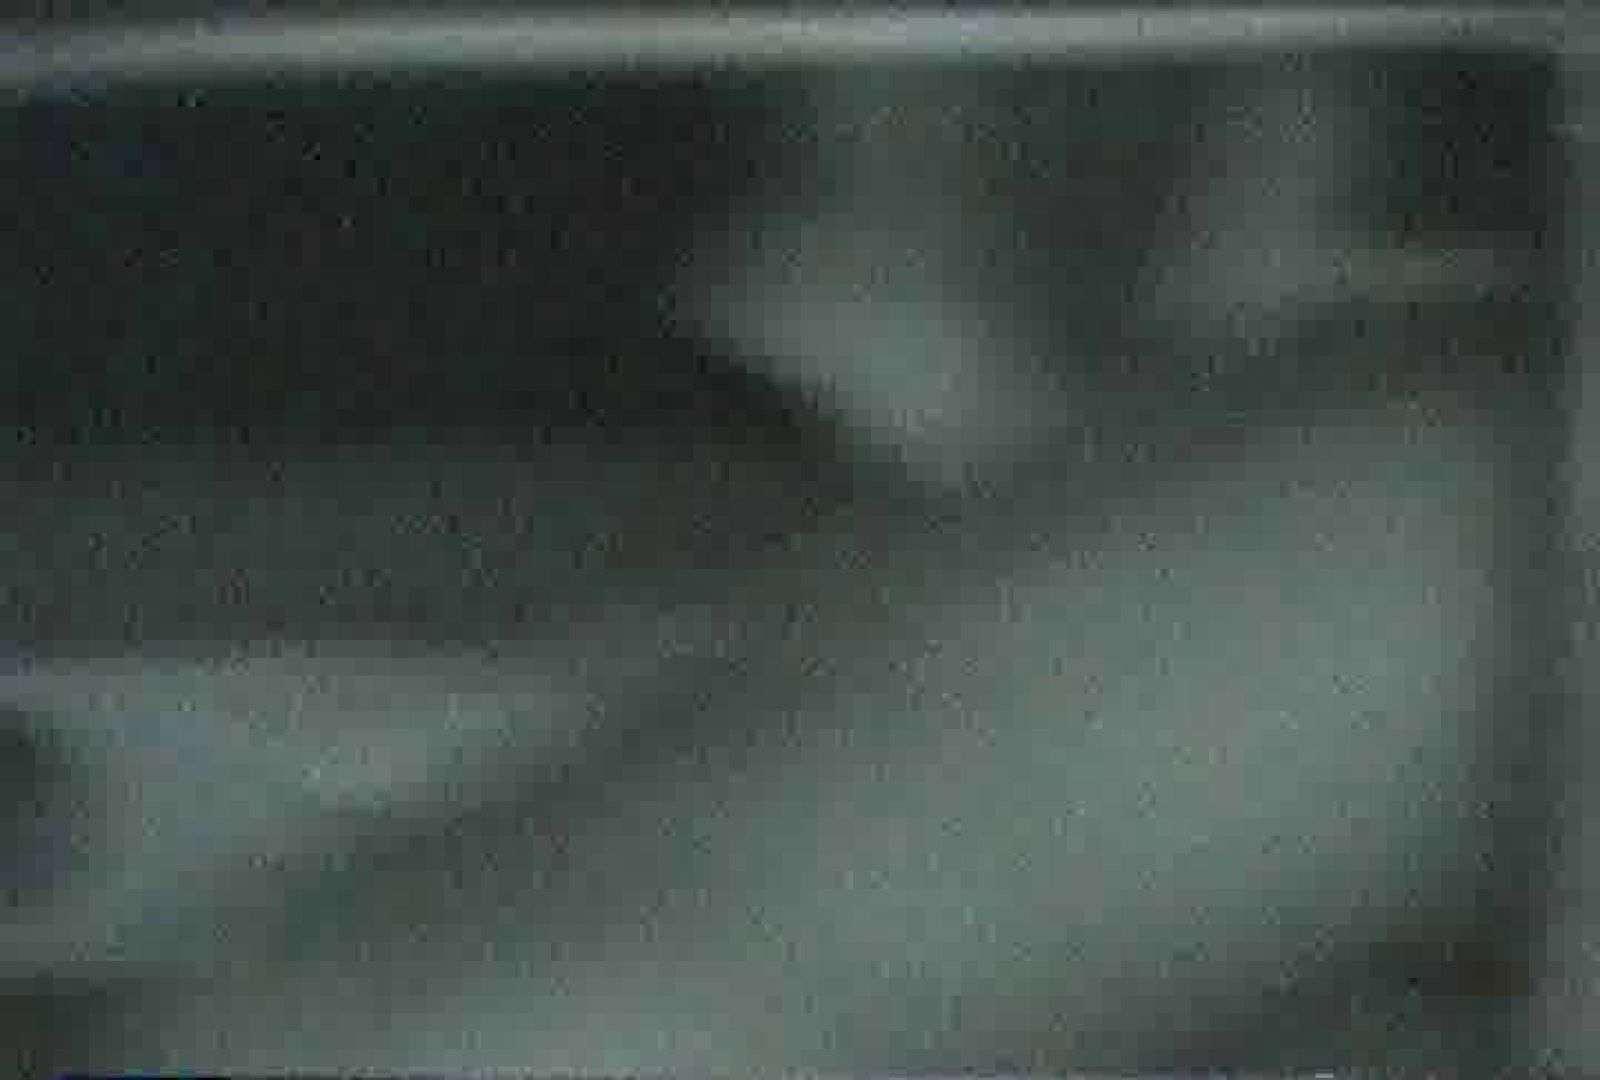 充血監督の深夜の運動会Vol.56 OLすけべ画像  16連発 3